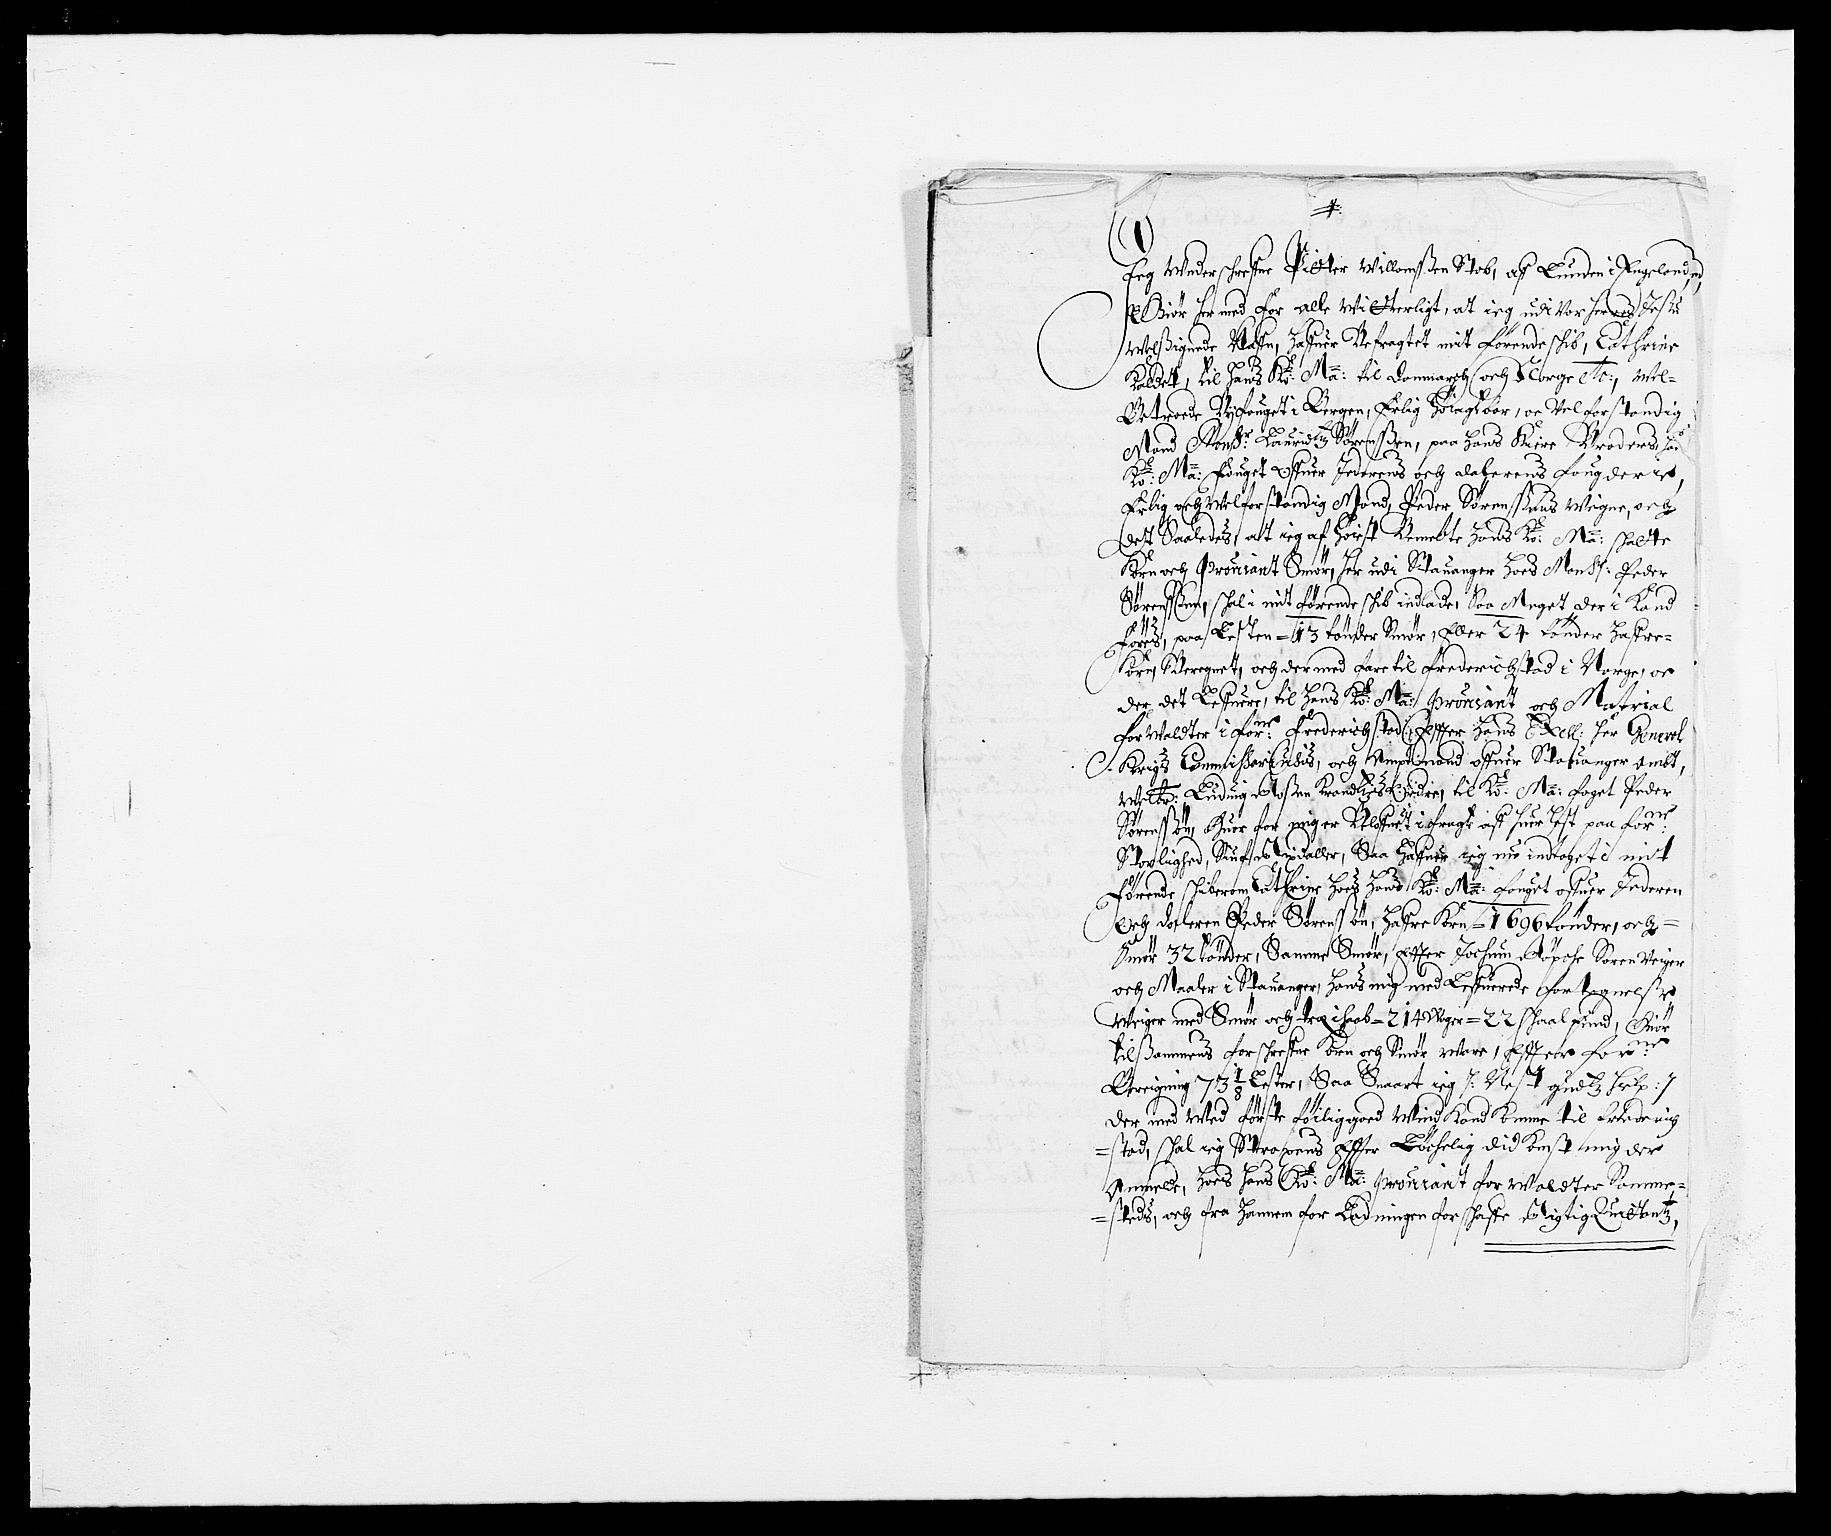 RA, Rentekammeret inntil 1814, Reviderte regnskaper, Fogderegnskap, R46/L2717: Fogderegnskap Jæren og Dalane, 1677, s. 315